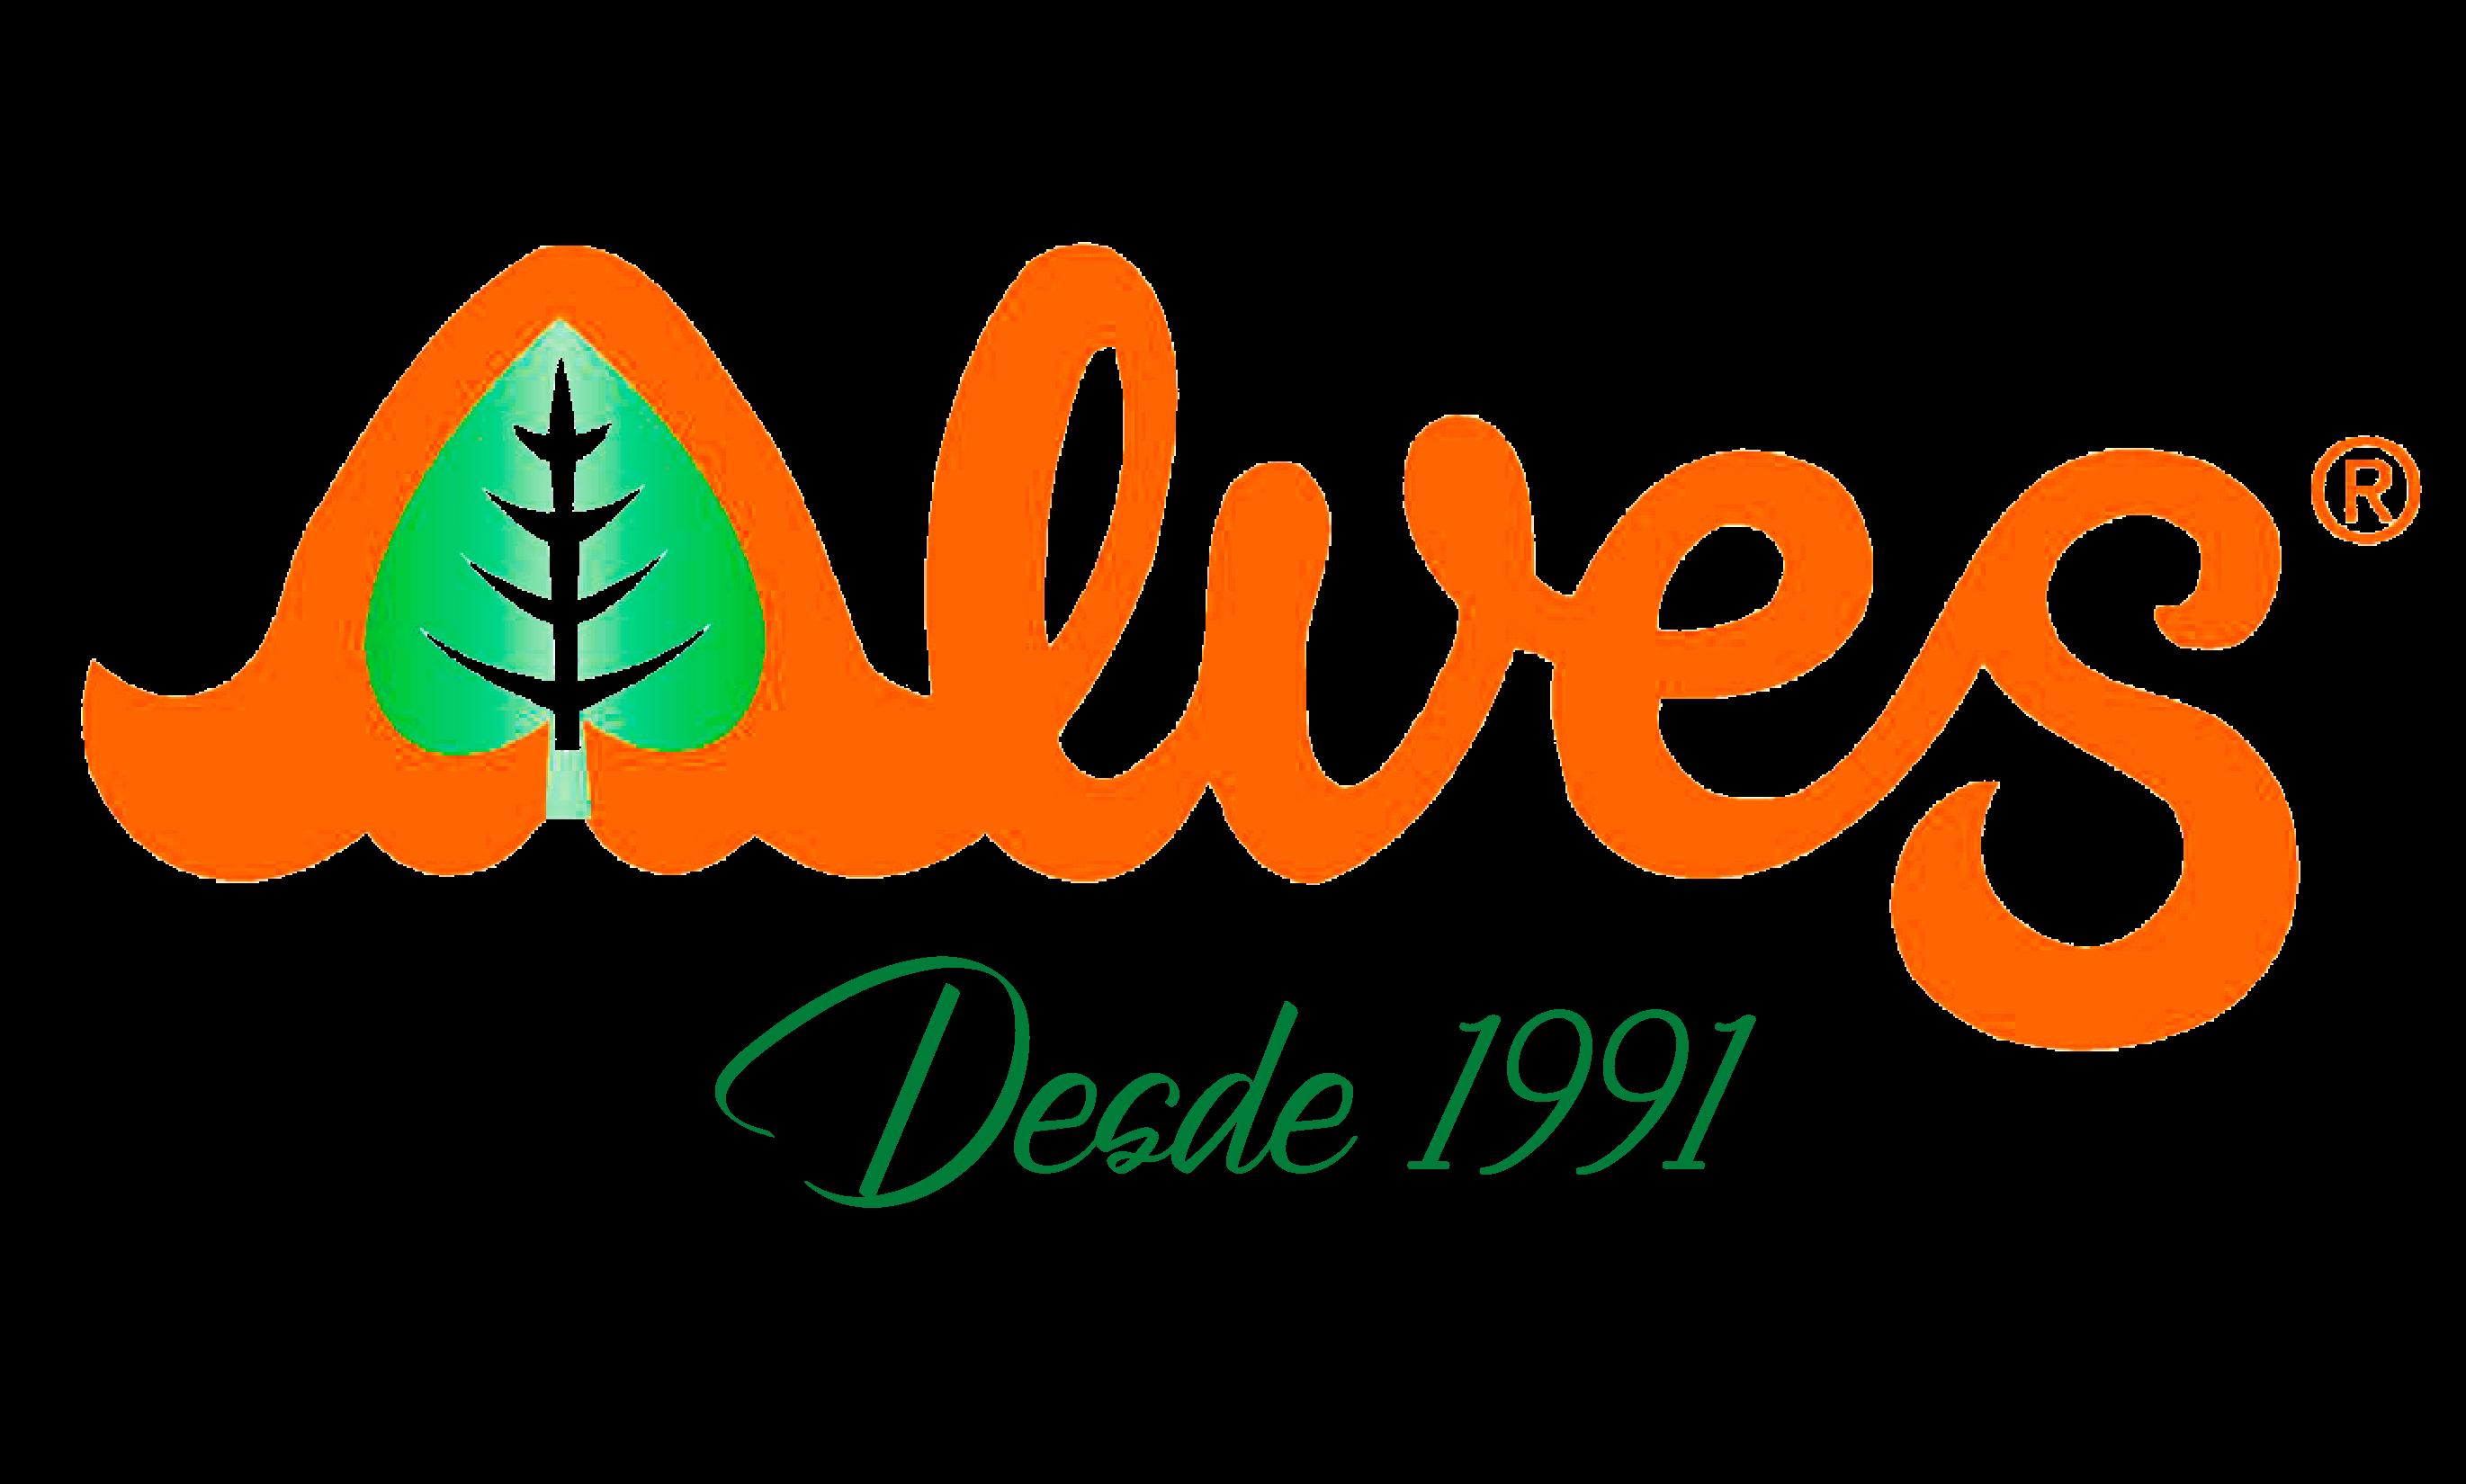 alves desde 1991-1